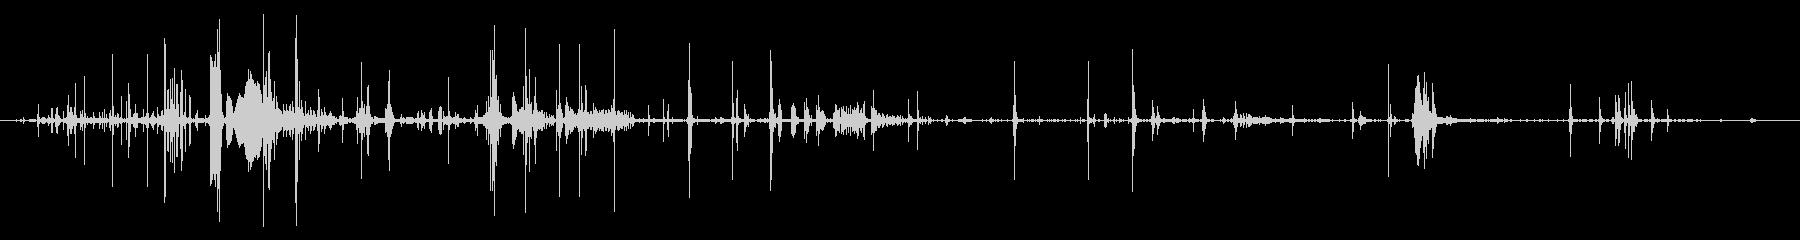 ブライトマッシーまたはグーイーテク...の未再生の波形